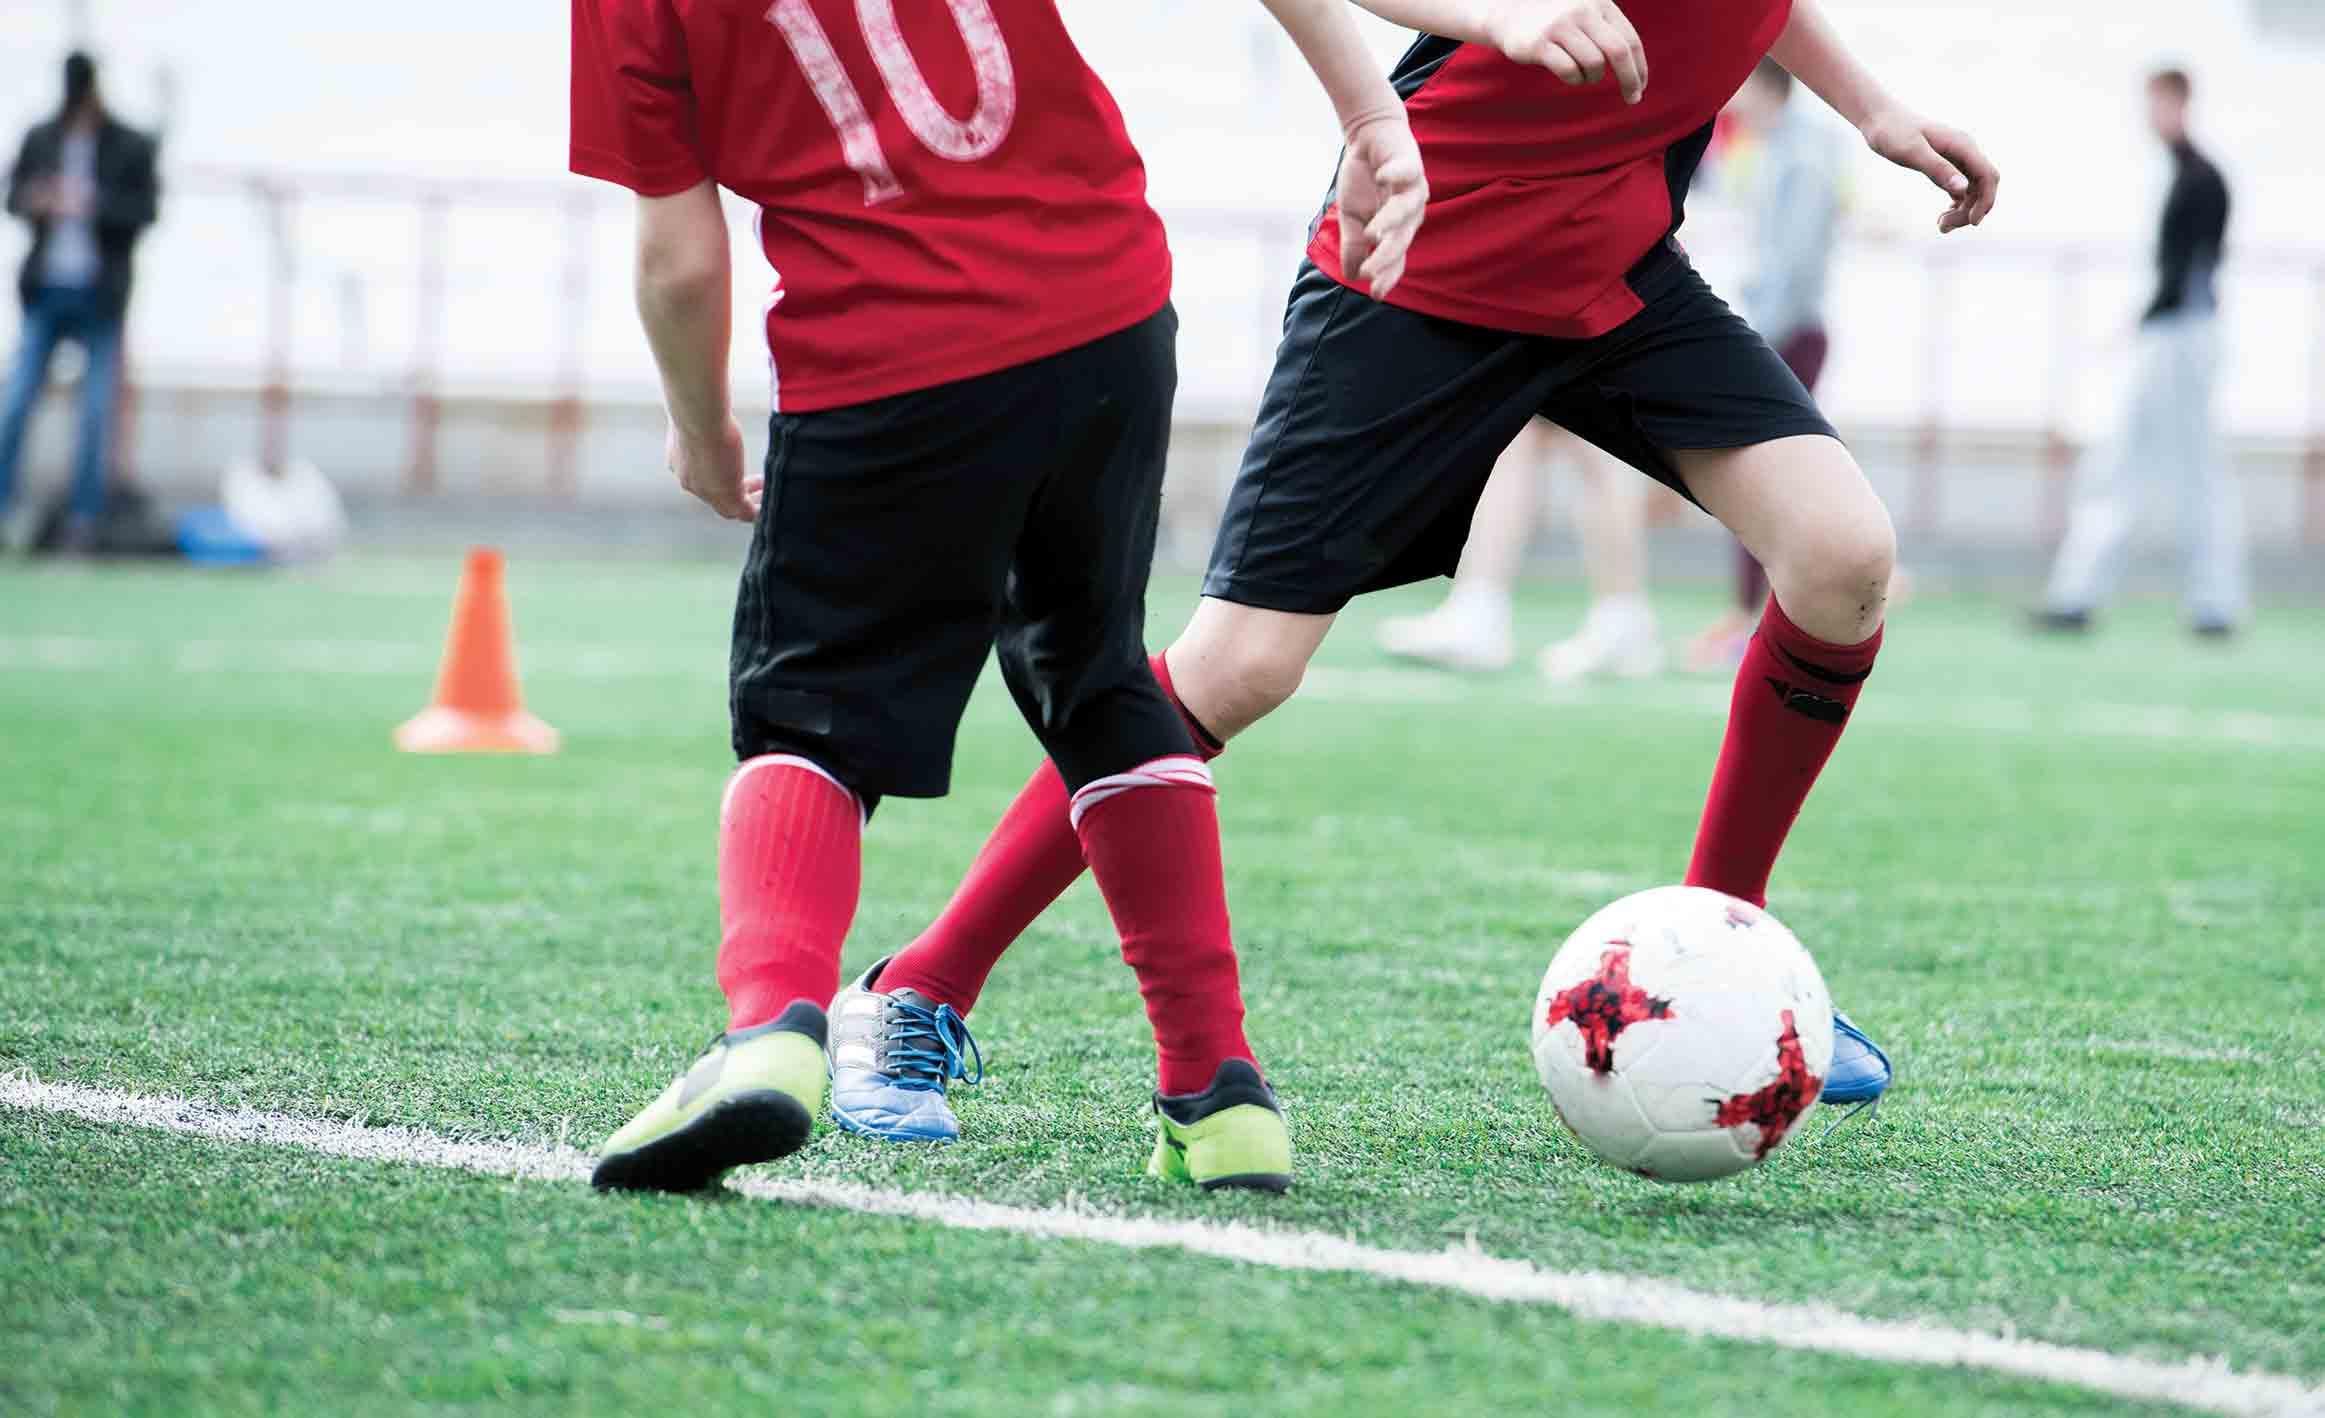 αθλητικά δάπεδα